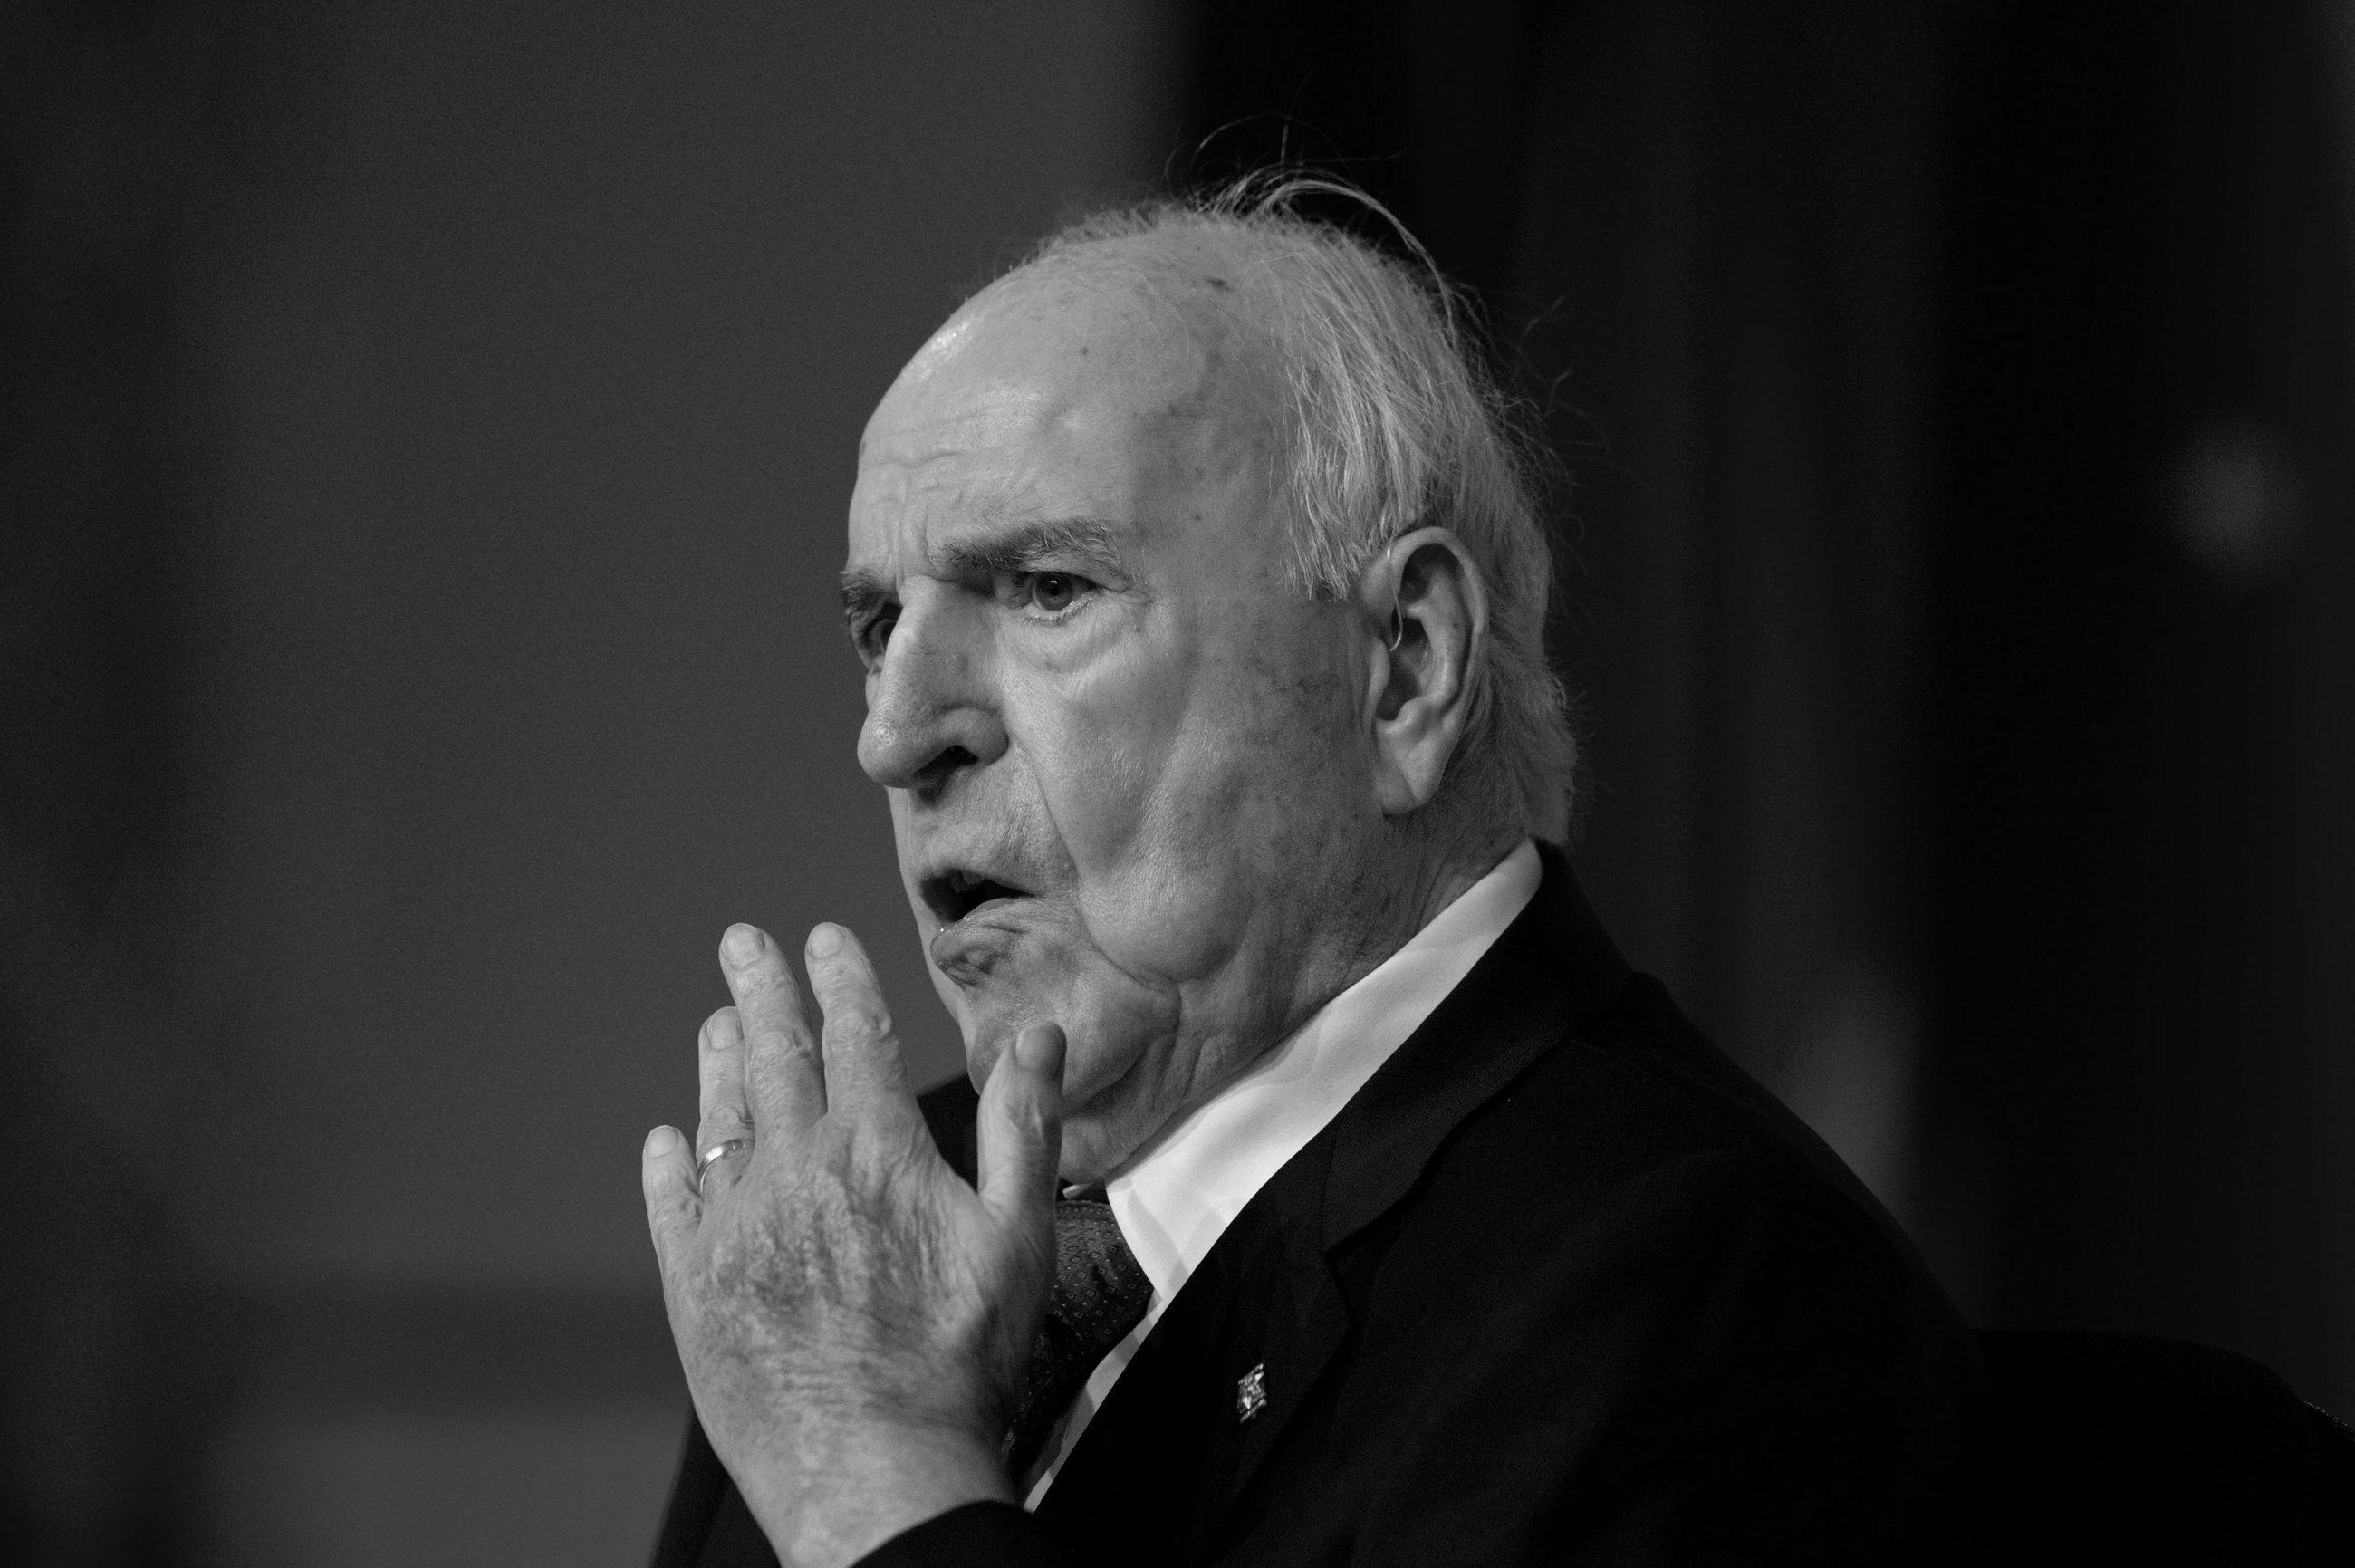 Helmut Kohl – niemiecki polityk. W latach 1982-1998 był kanclerzem Republiki Federalnej Niemiec. Zmarł 16 czerwca 2017 r.